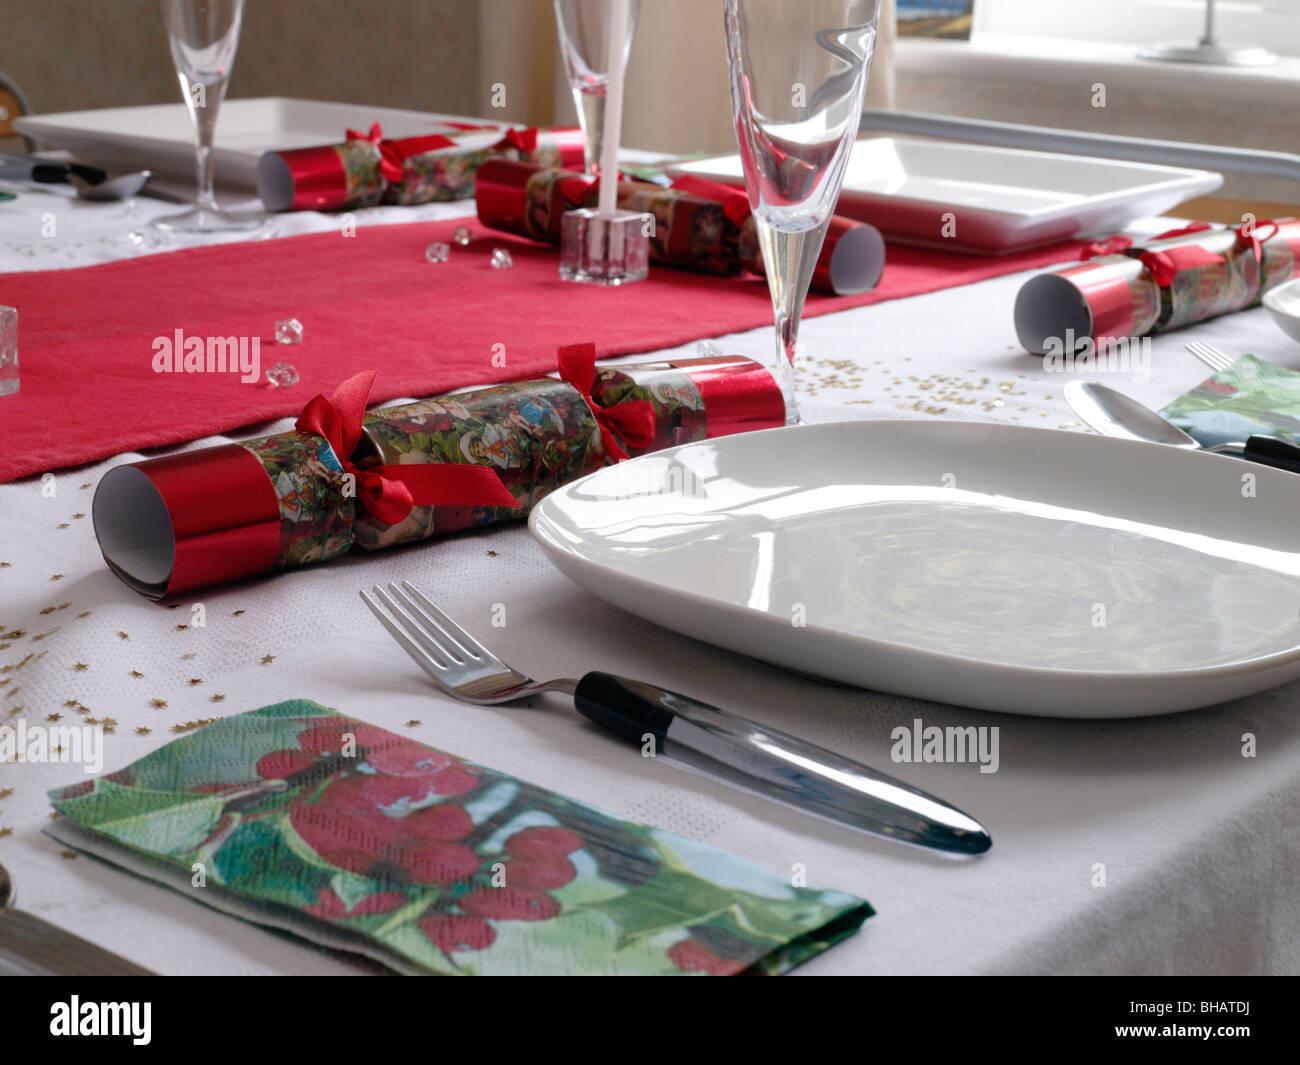 Weihnachtsbilder Suchen.Weihnachtsbilder Einschließlich Weihnachten Esstische Haustüren